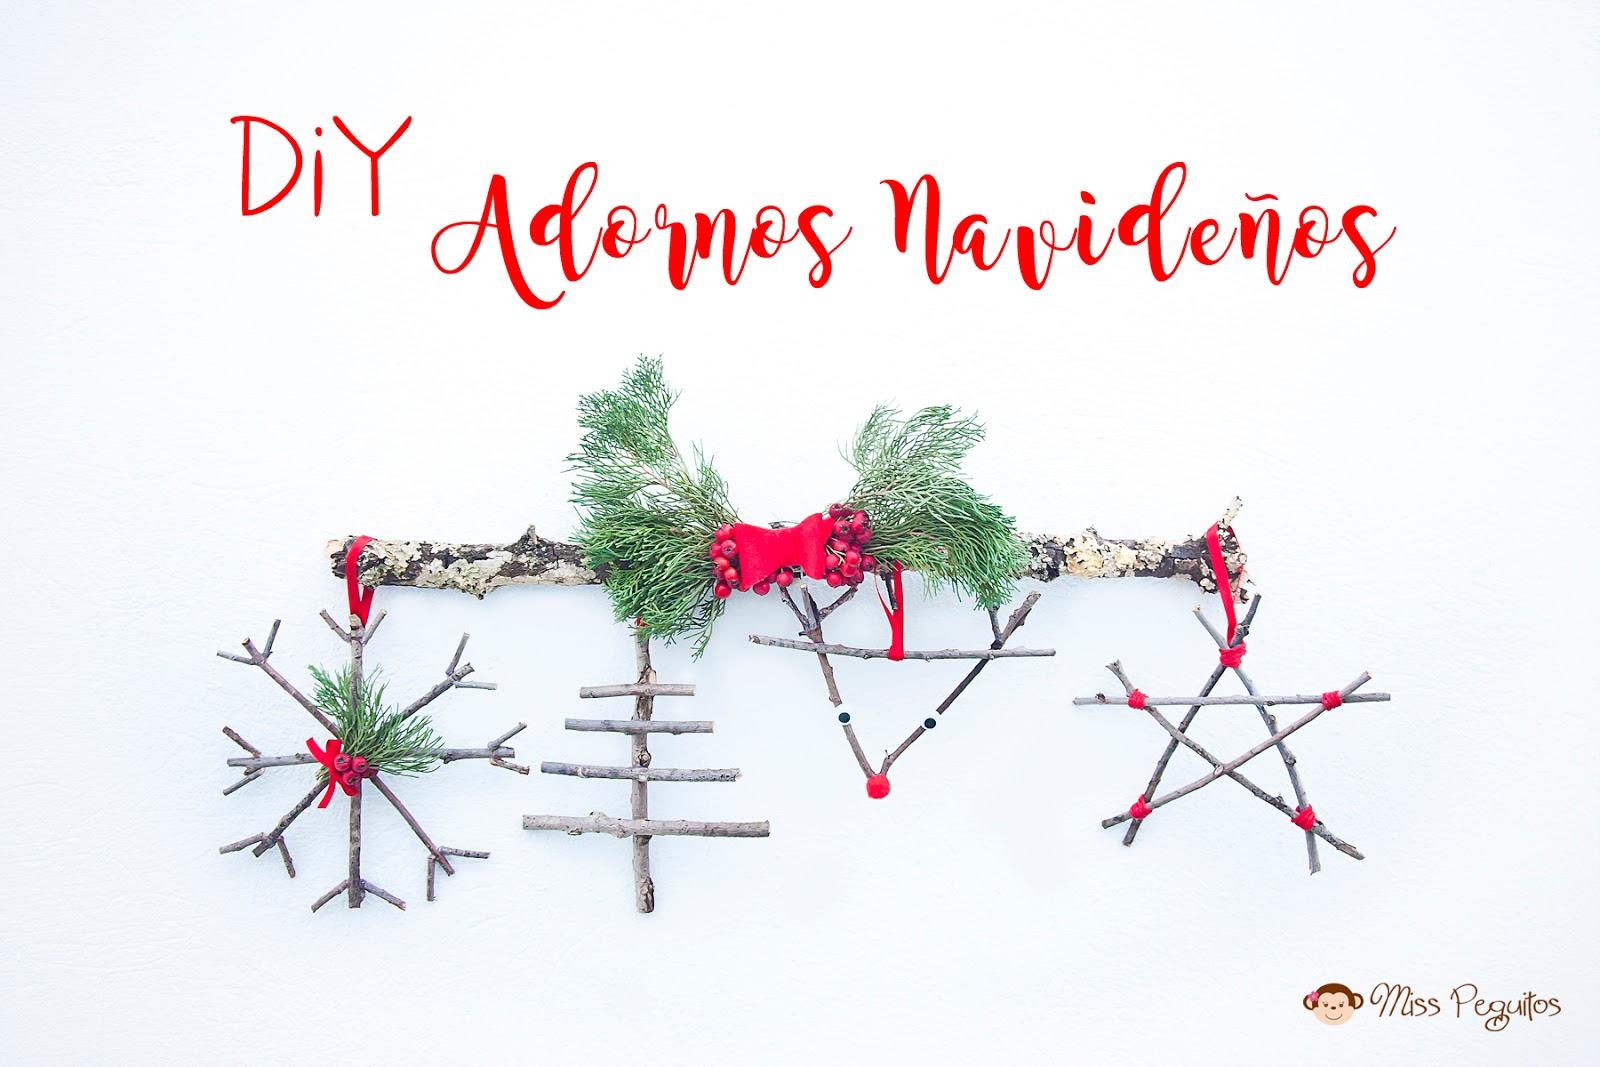 Diy adornos de navidad rusticos handbox craft lovers - Adornos navidad diy ...